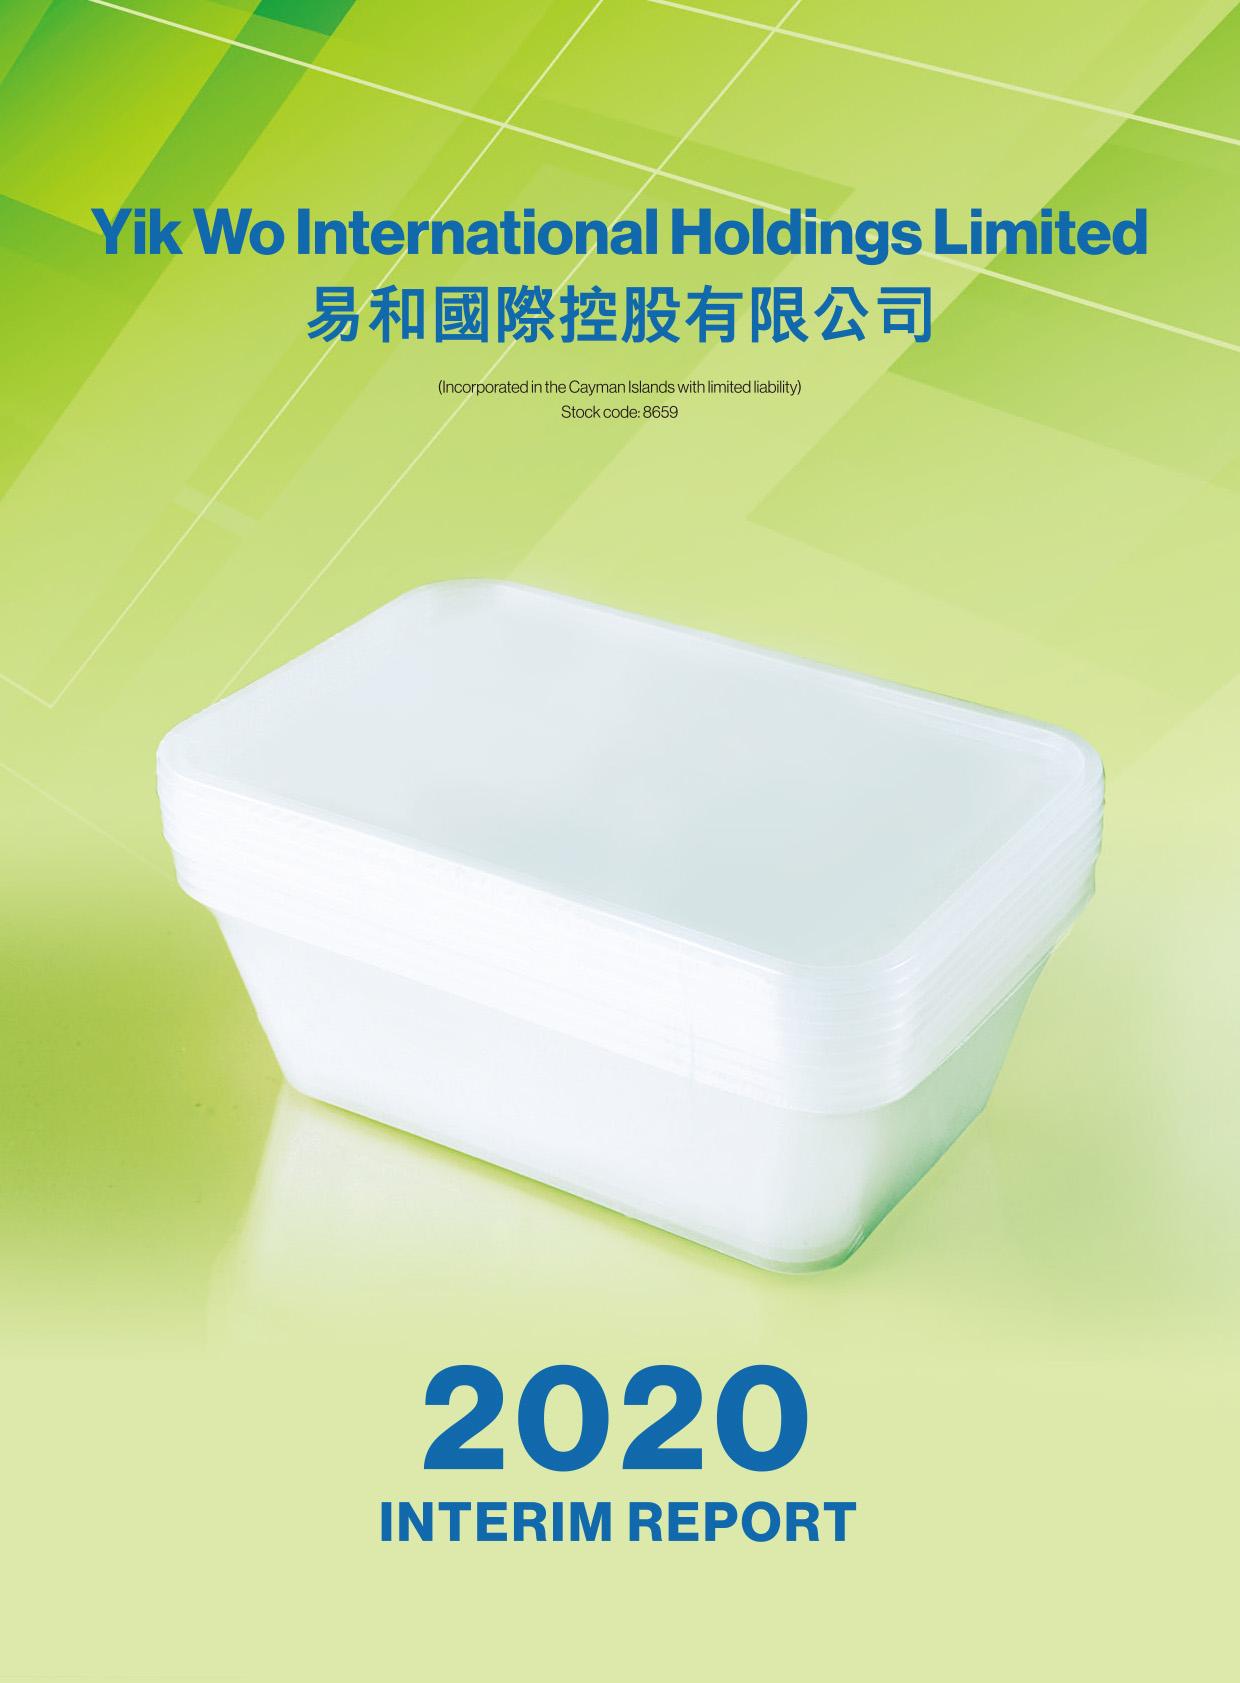 Yik Wo International Holdings Limited